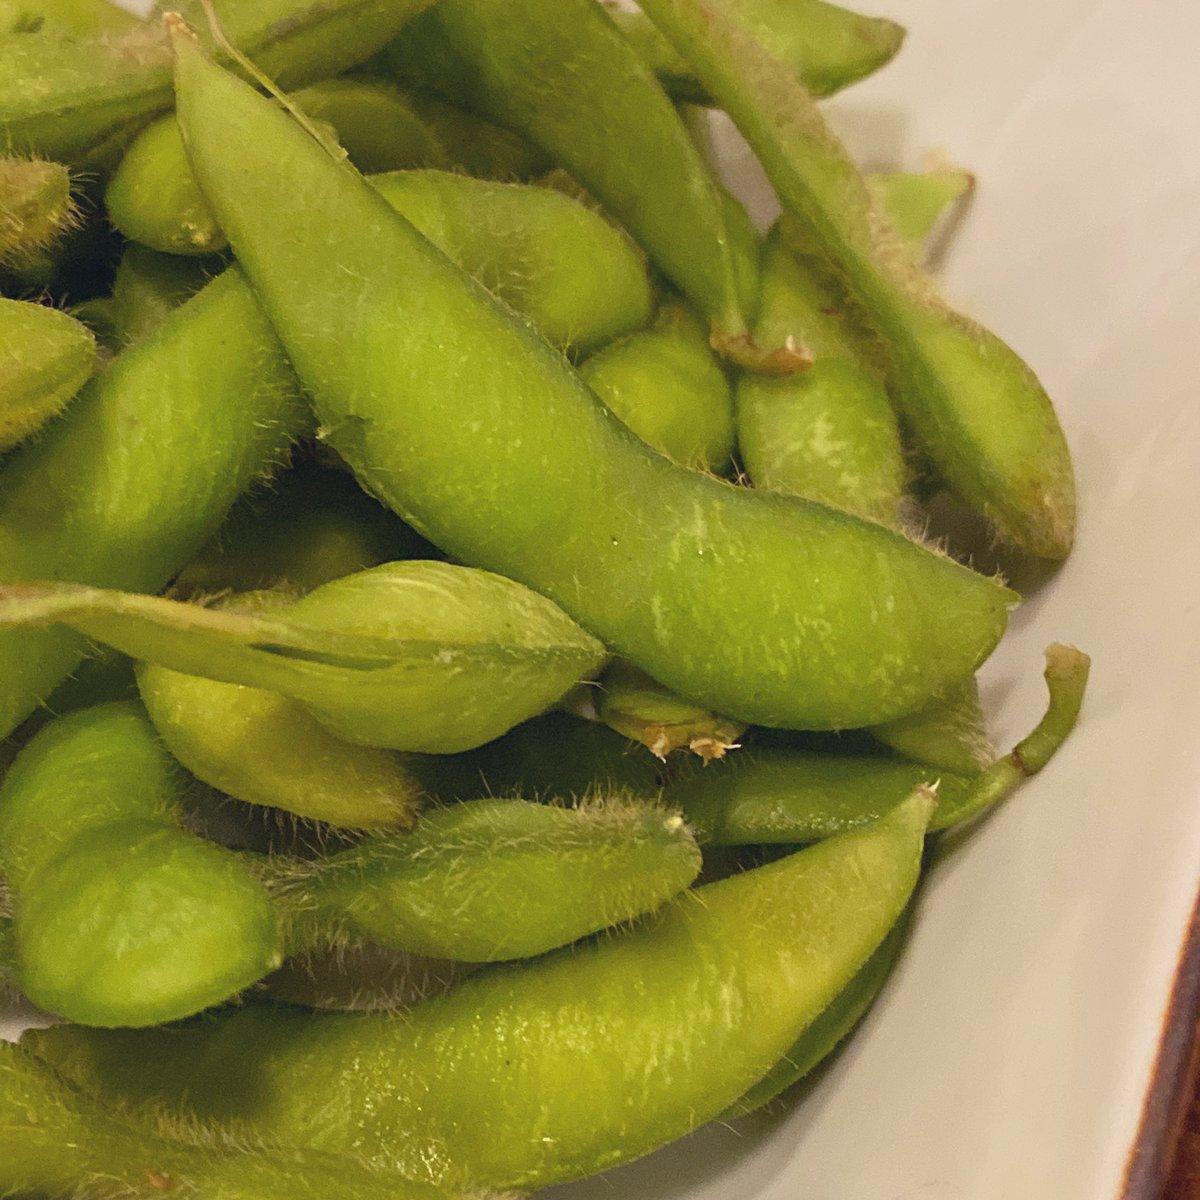 枝豆!('▽'*)✨  #おそとごはん #eatout #restaurant #delicious #yummy #food #foodie #foodpics #foodgram #instafood